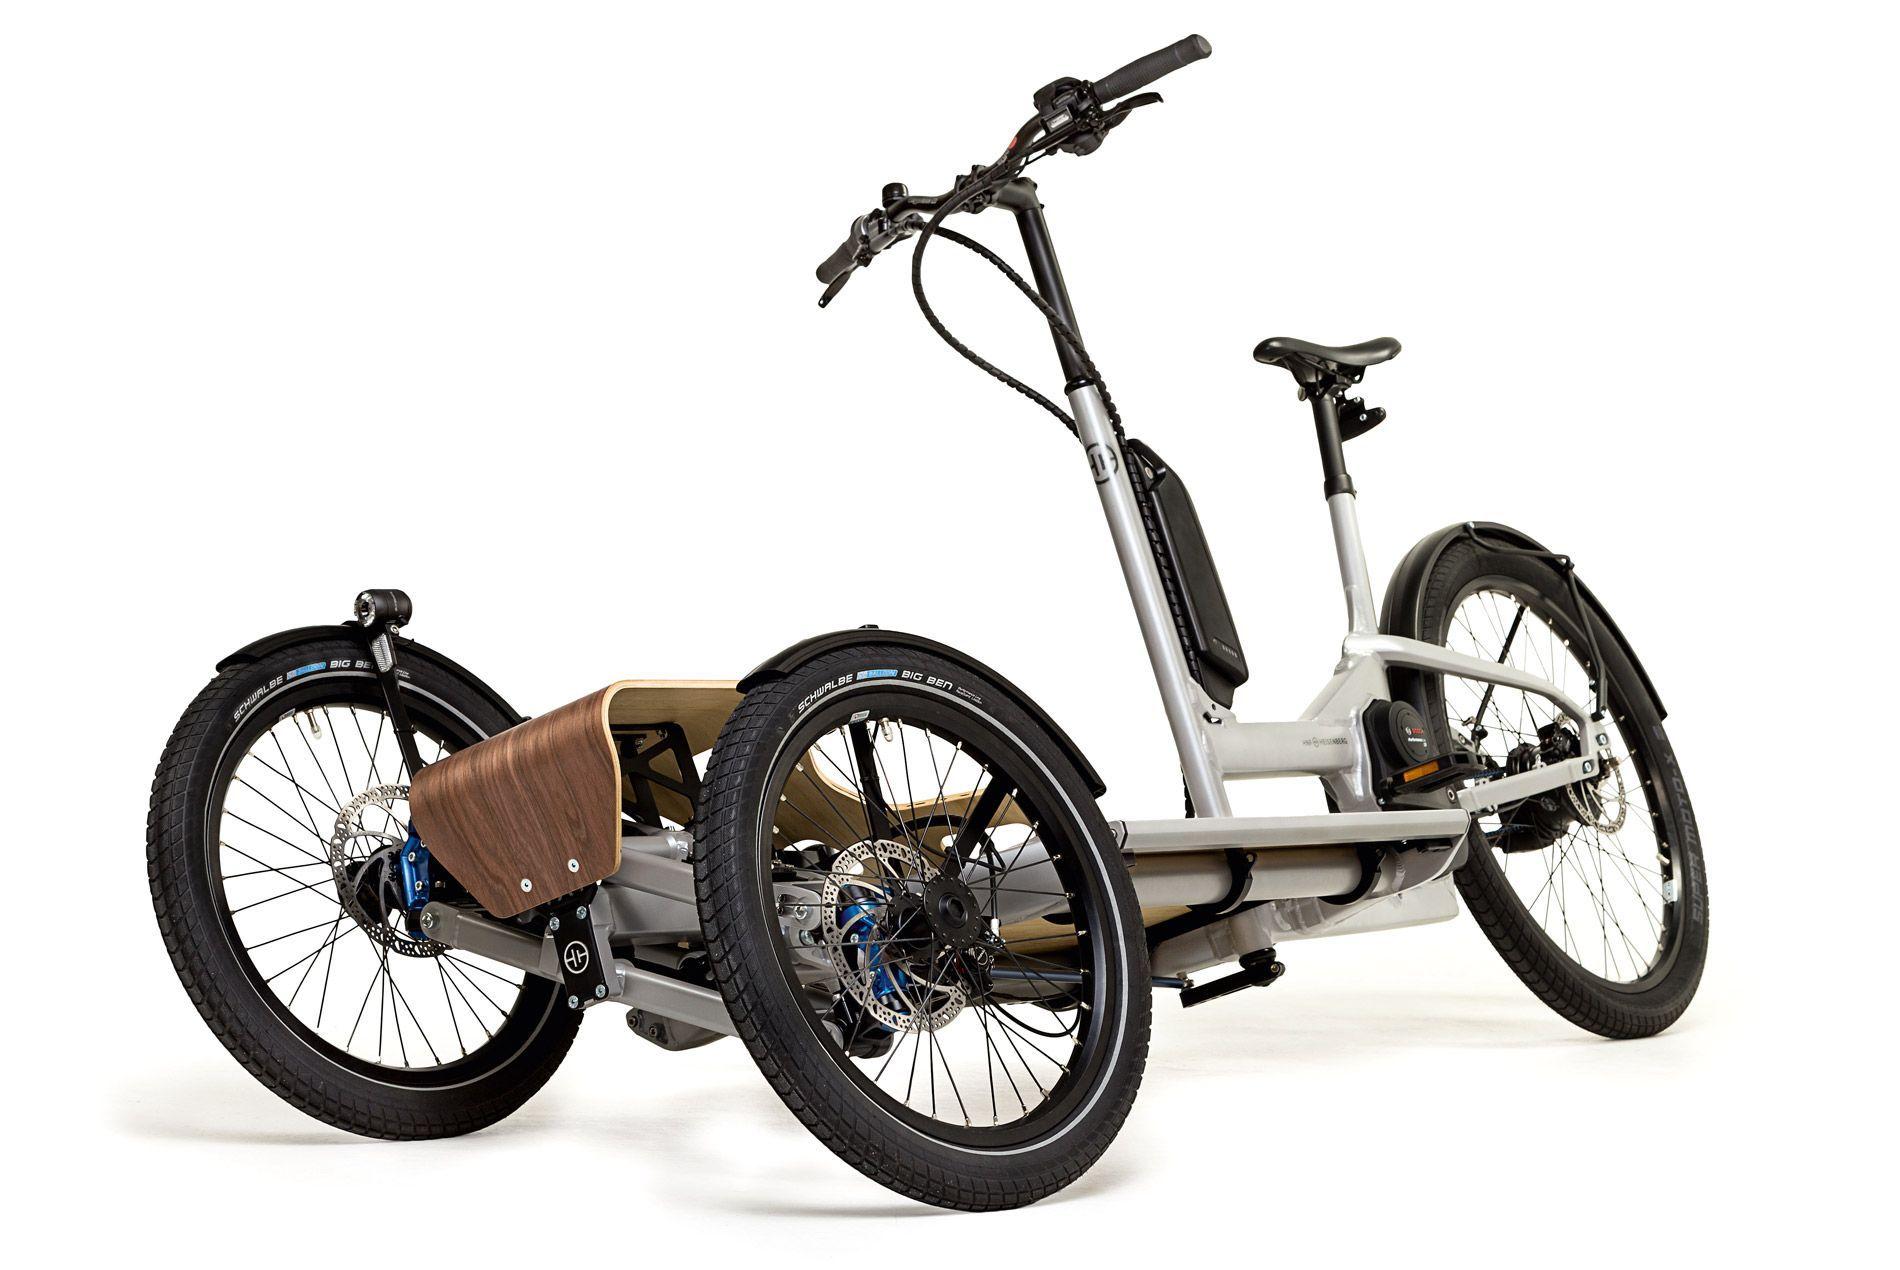 Cd1 Cargo Hnf Heisenberg In 2020 Cargo Bike Bike Frame Three